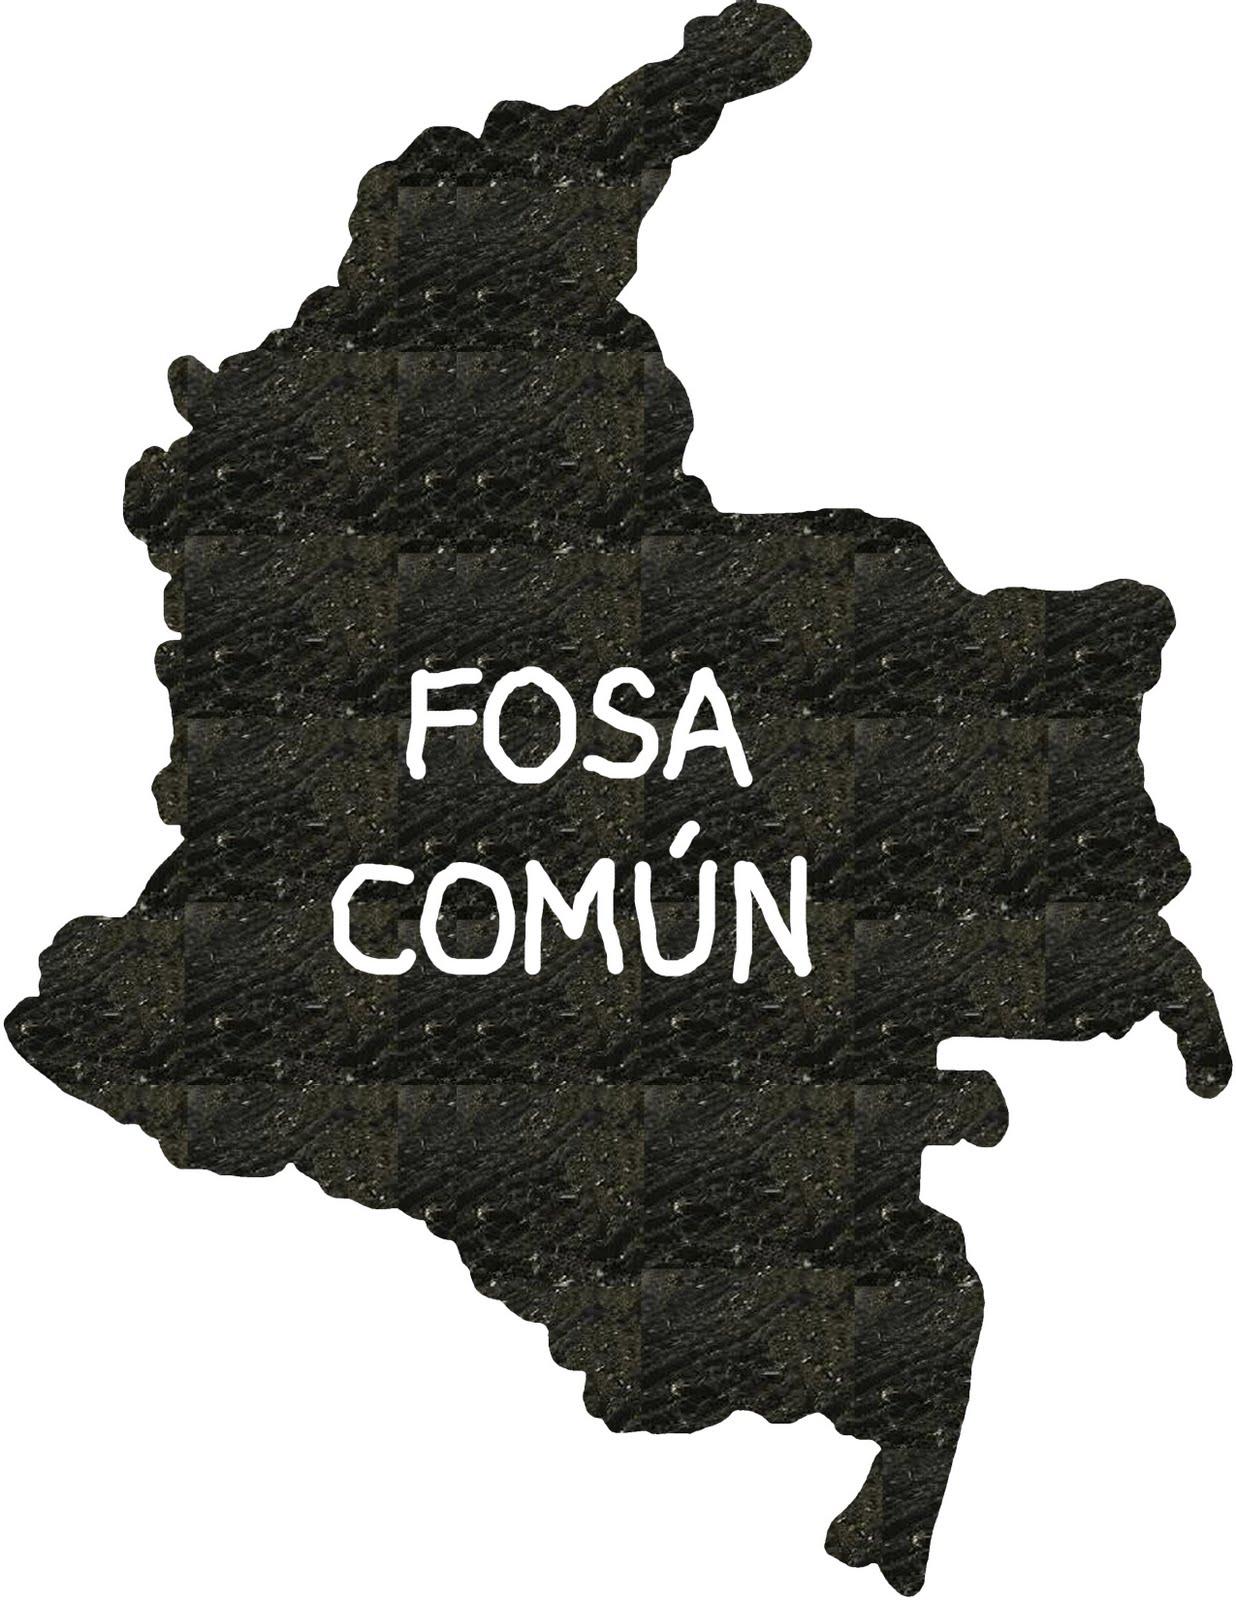 Uribe busca tapar escándalo humanitario tras hallazgo de fosas comunes